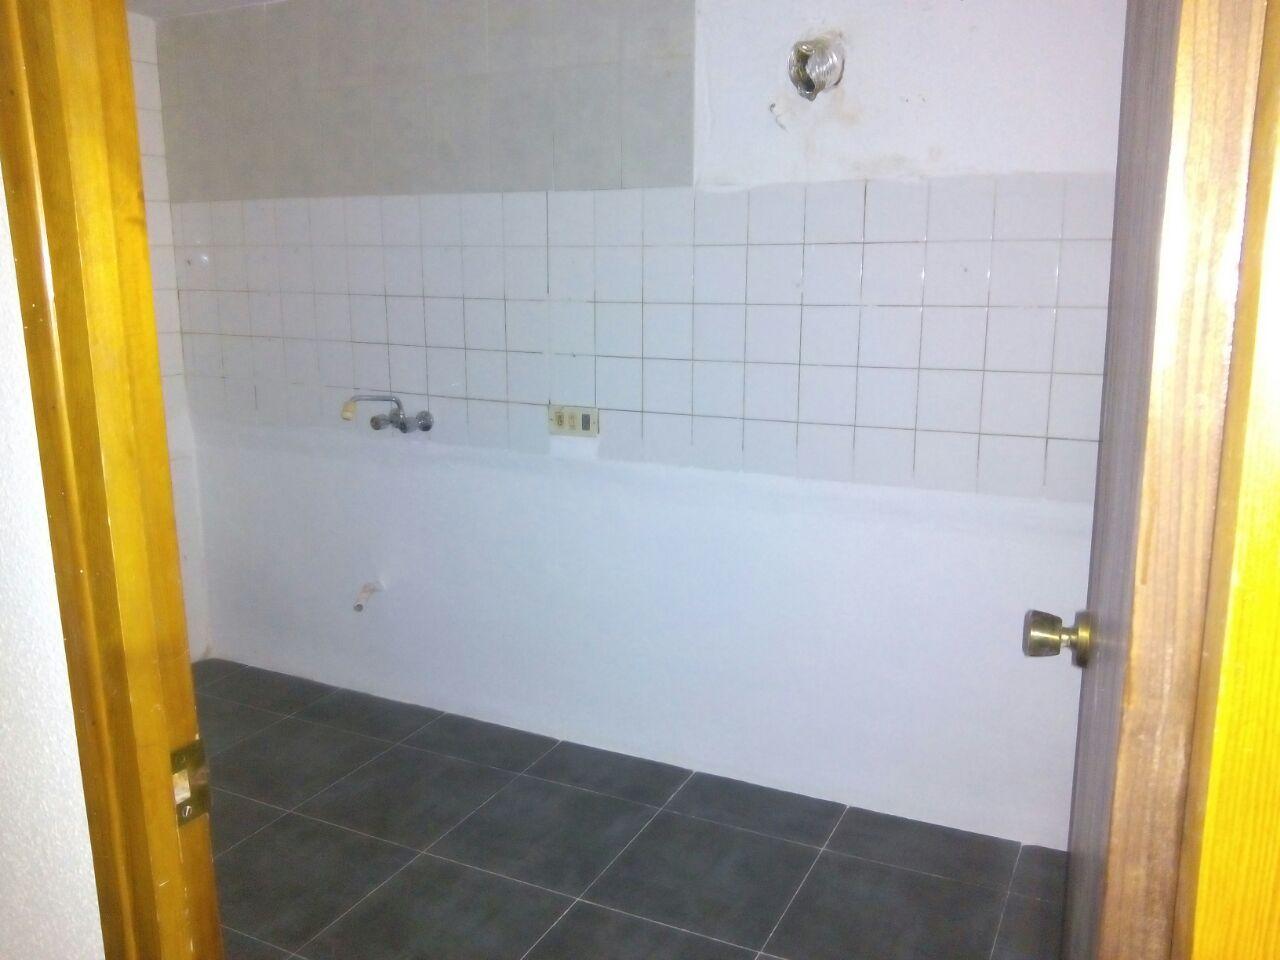 Piso en venta en Jijona/xixona, Alicante, Calle la Vila, 32.000 €, 3 habitaciones, 1 baño, 86 m2